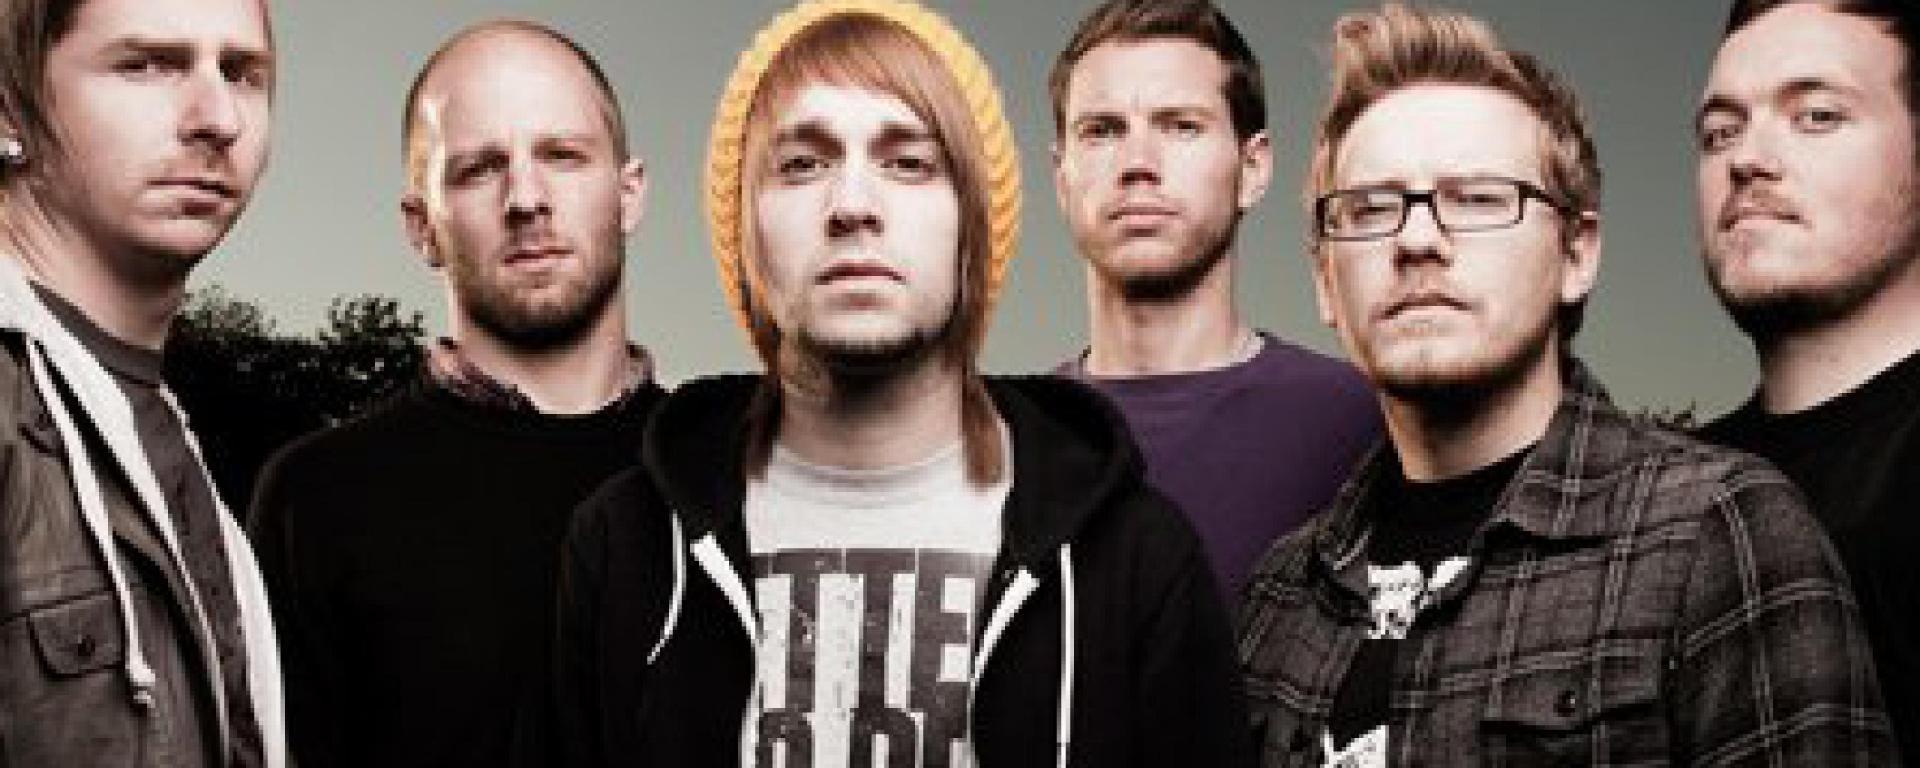 Trupa englezească de post-hardcore Devil Sold His Soul s-au întors cu noutăţi despre noul album ce va preceda Empire Of Light din 2012.